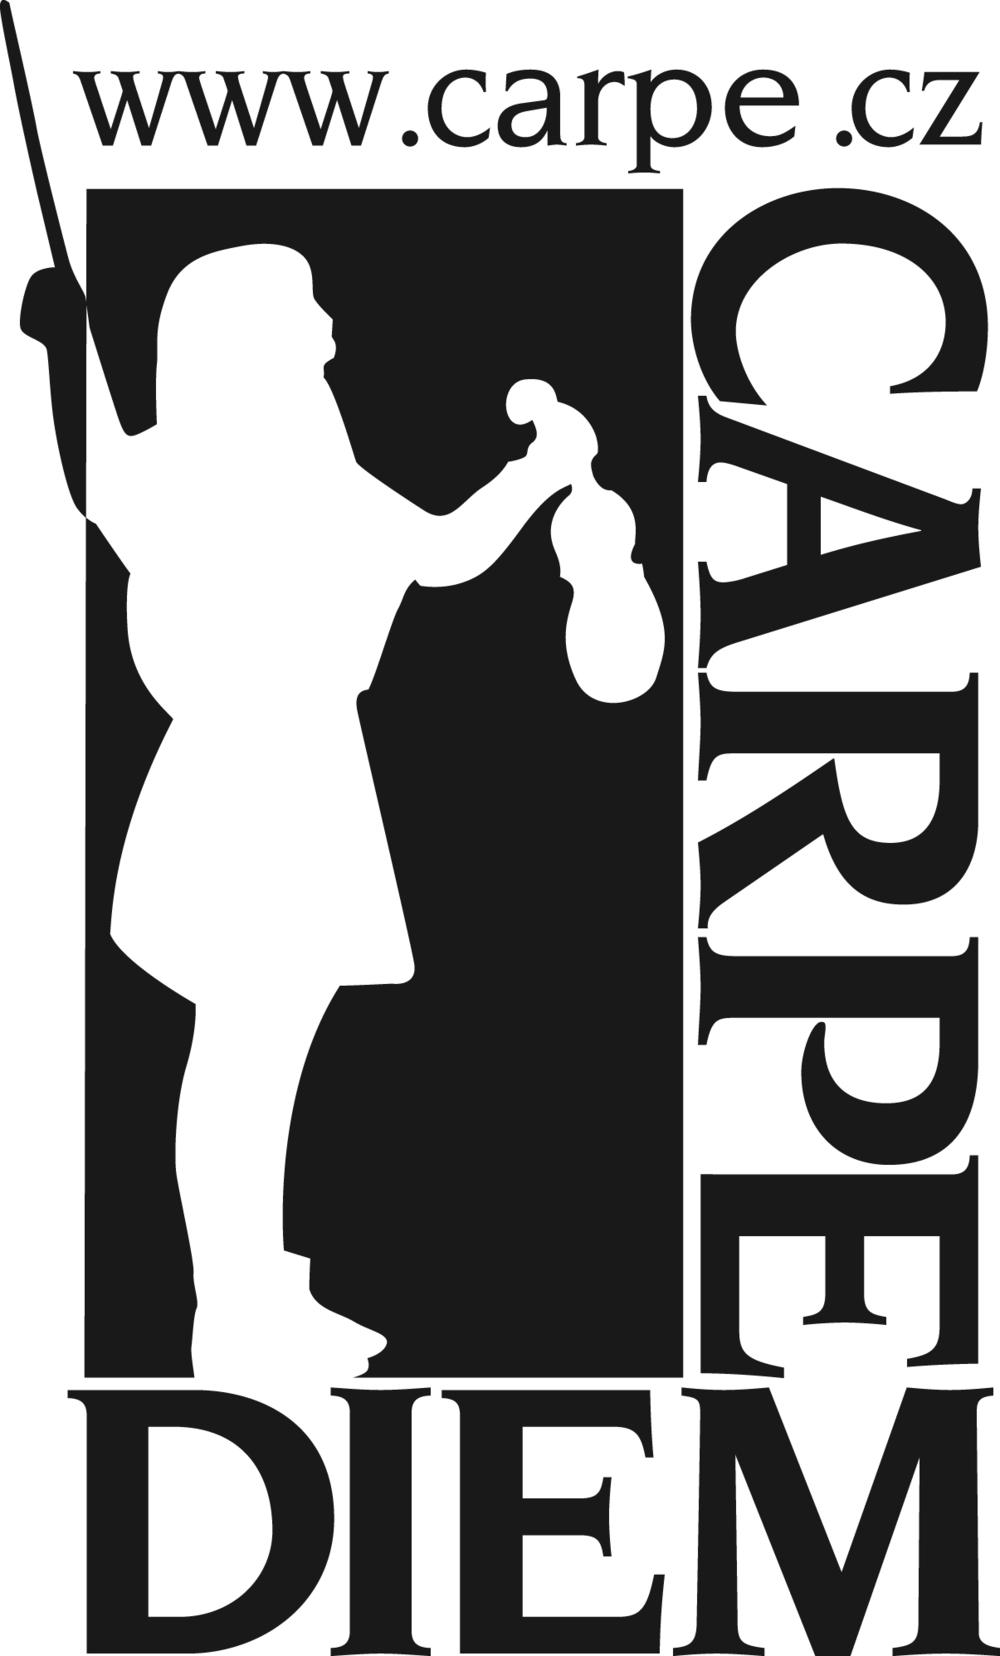 Carpe Diem_logo